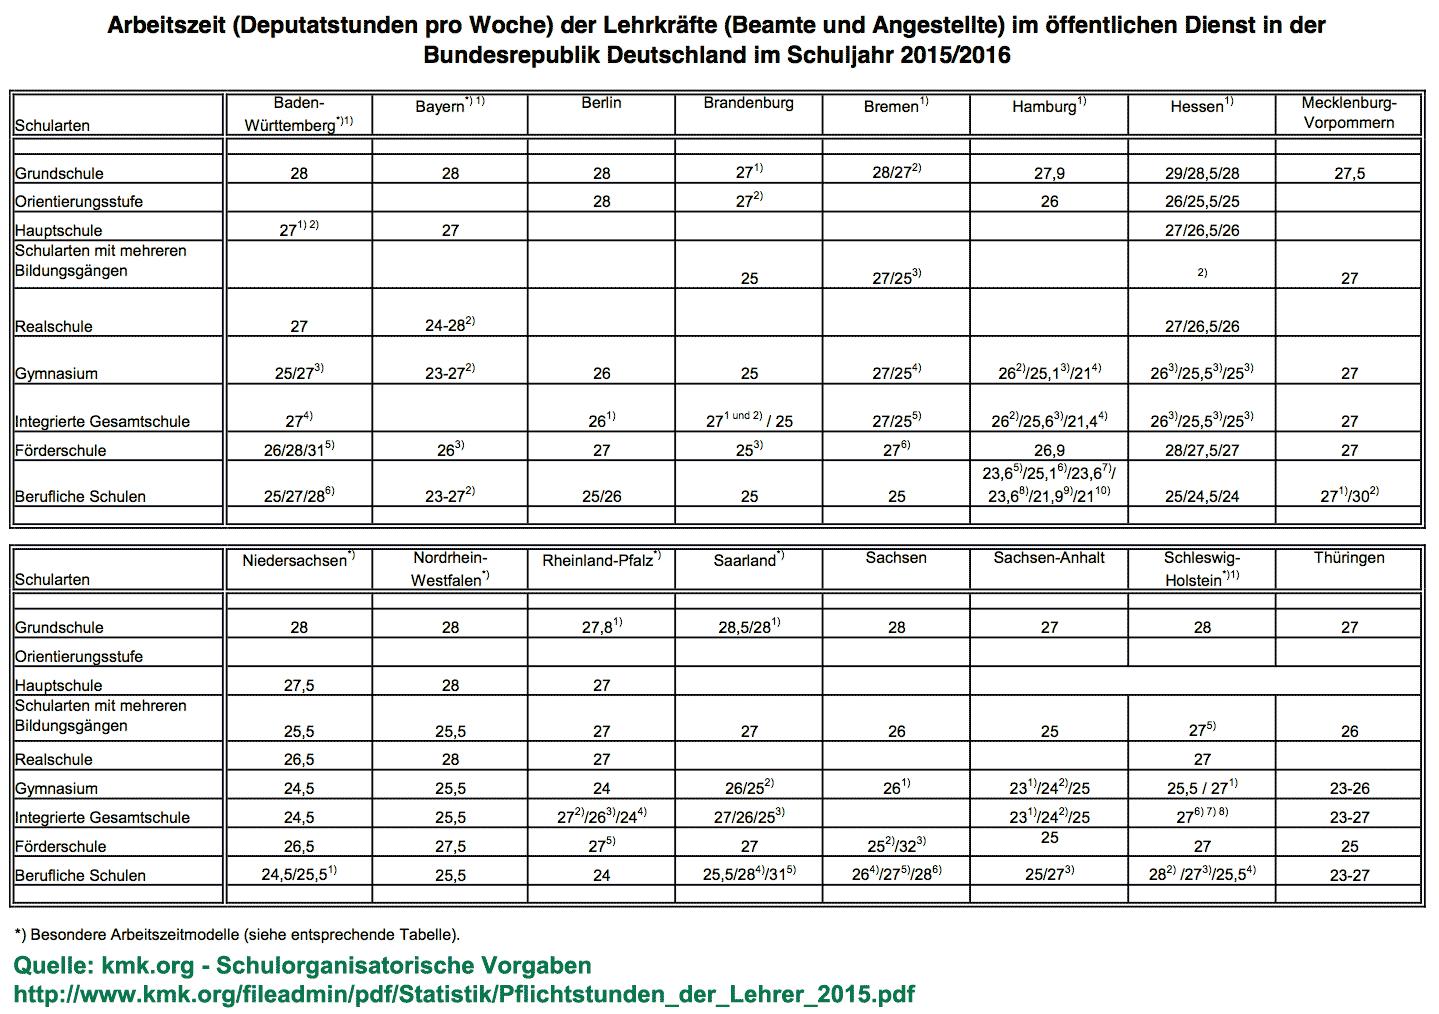 Pflichtstunden Der Lehrer/innen In Den Bundesländern über Notenschlüssel Grundschule Niedersachsen